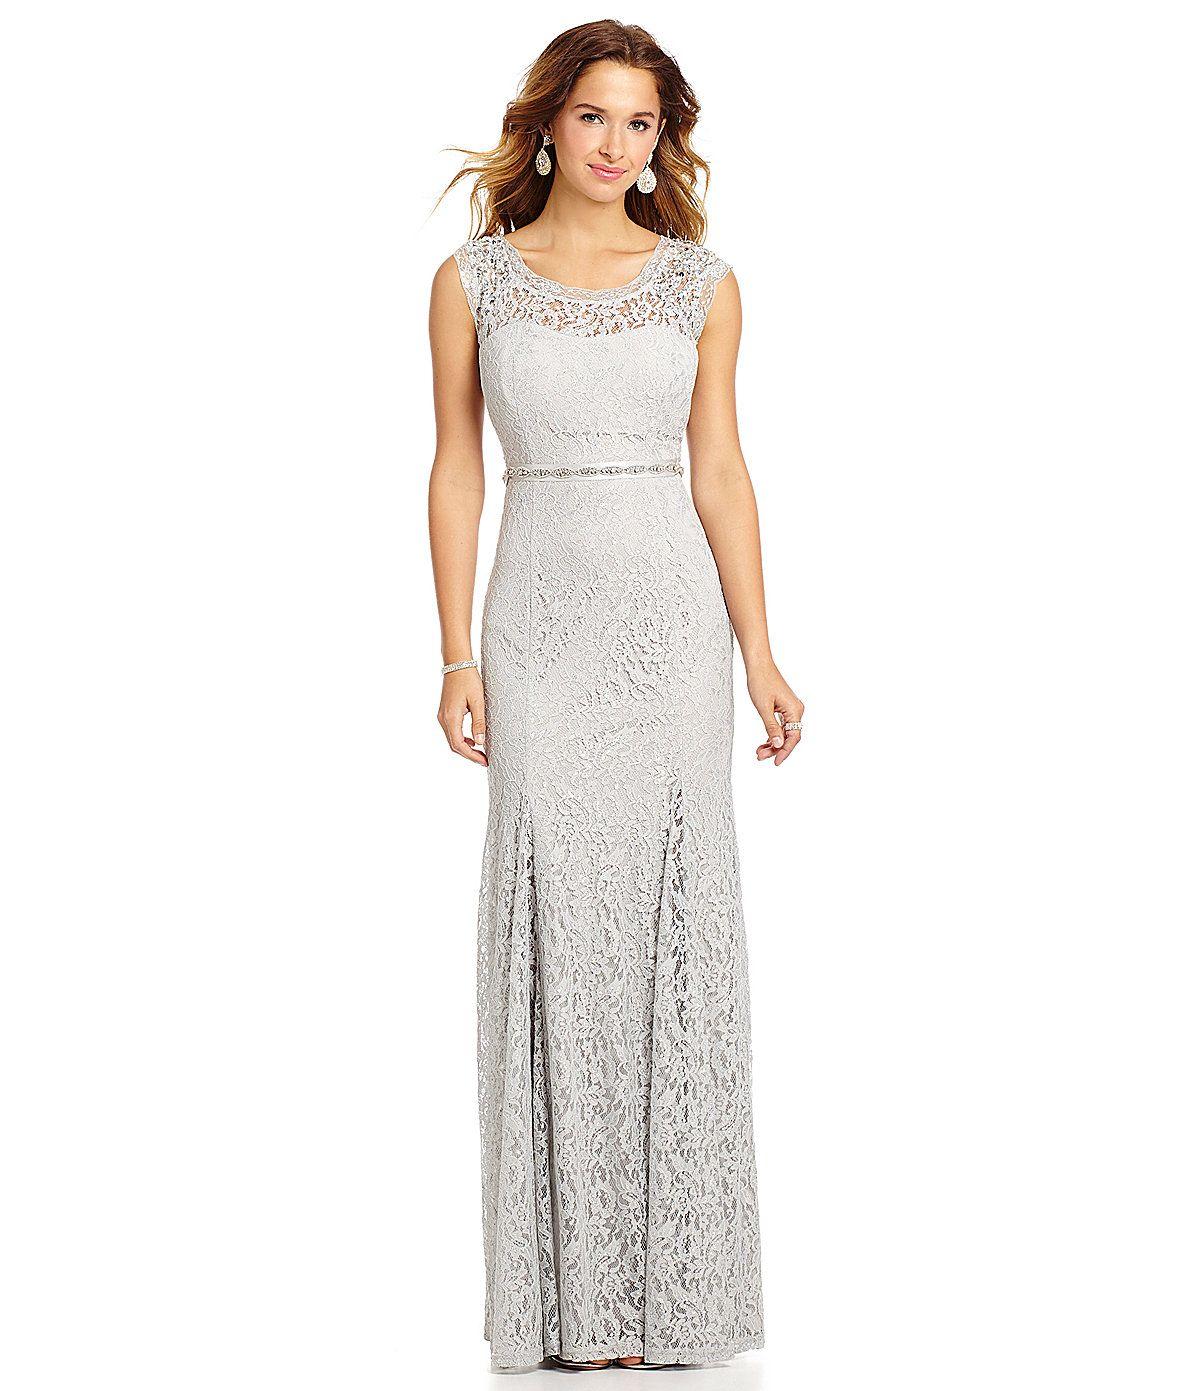 Sequin Hearts Bead-Shoulder Foil-Lace Gown | Dillards.com ...